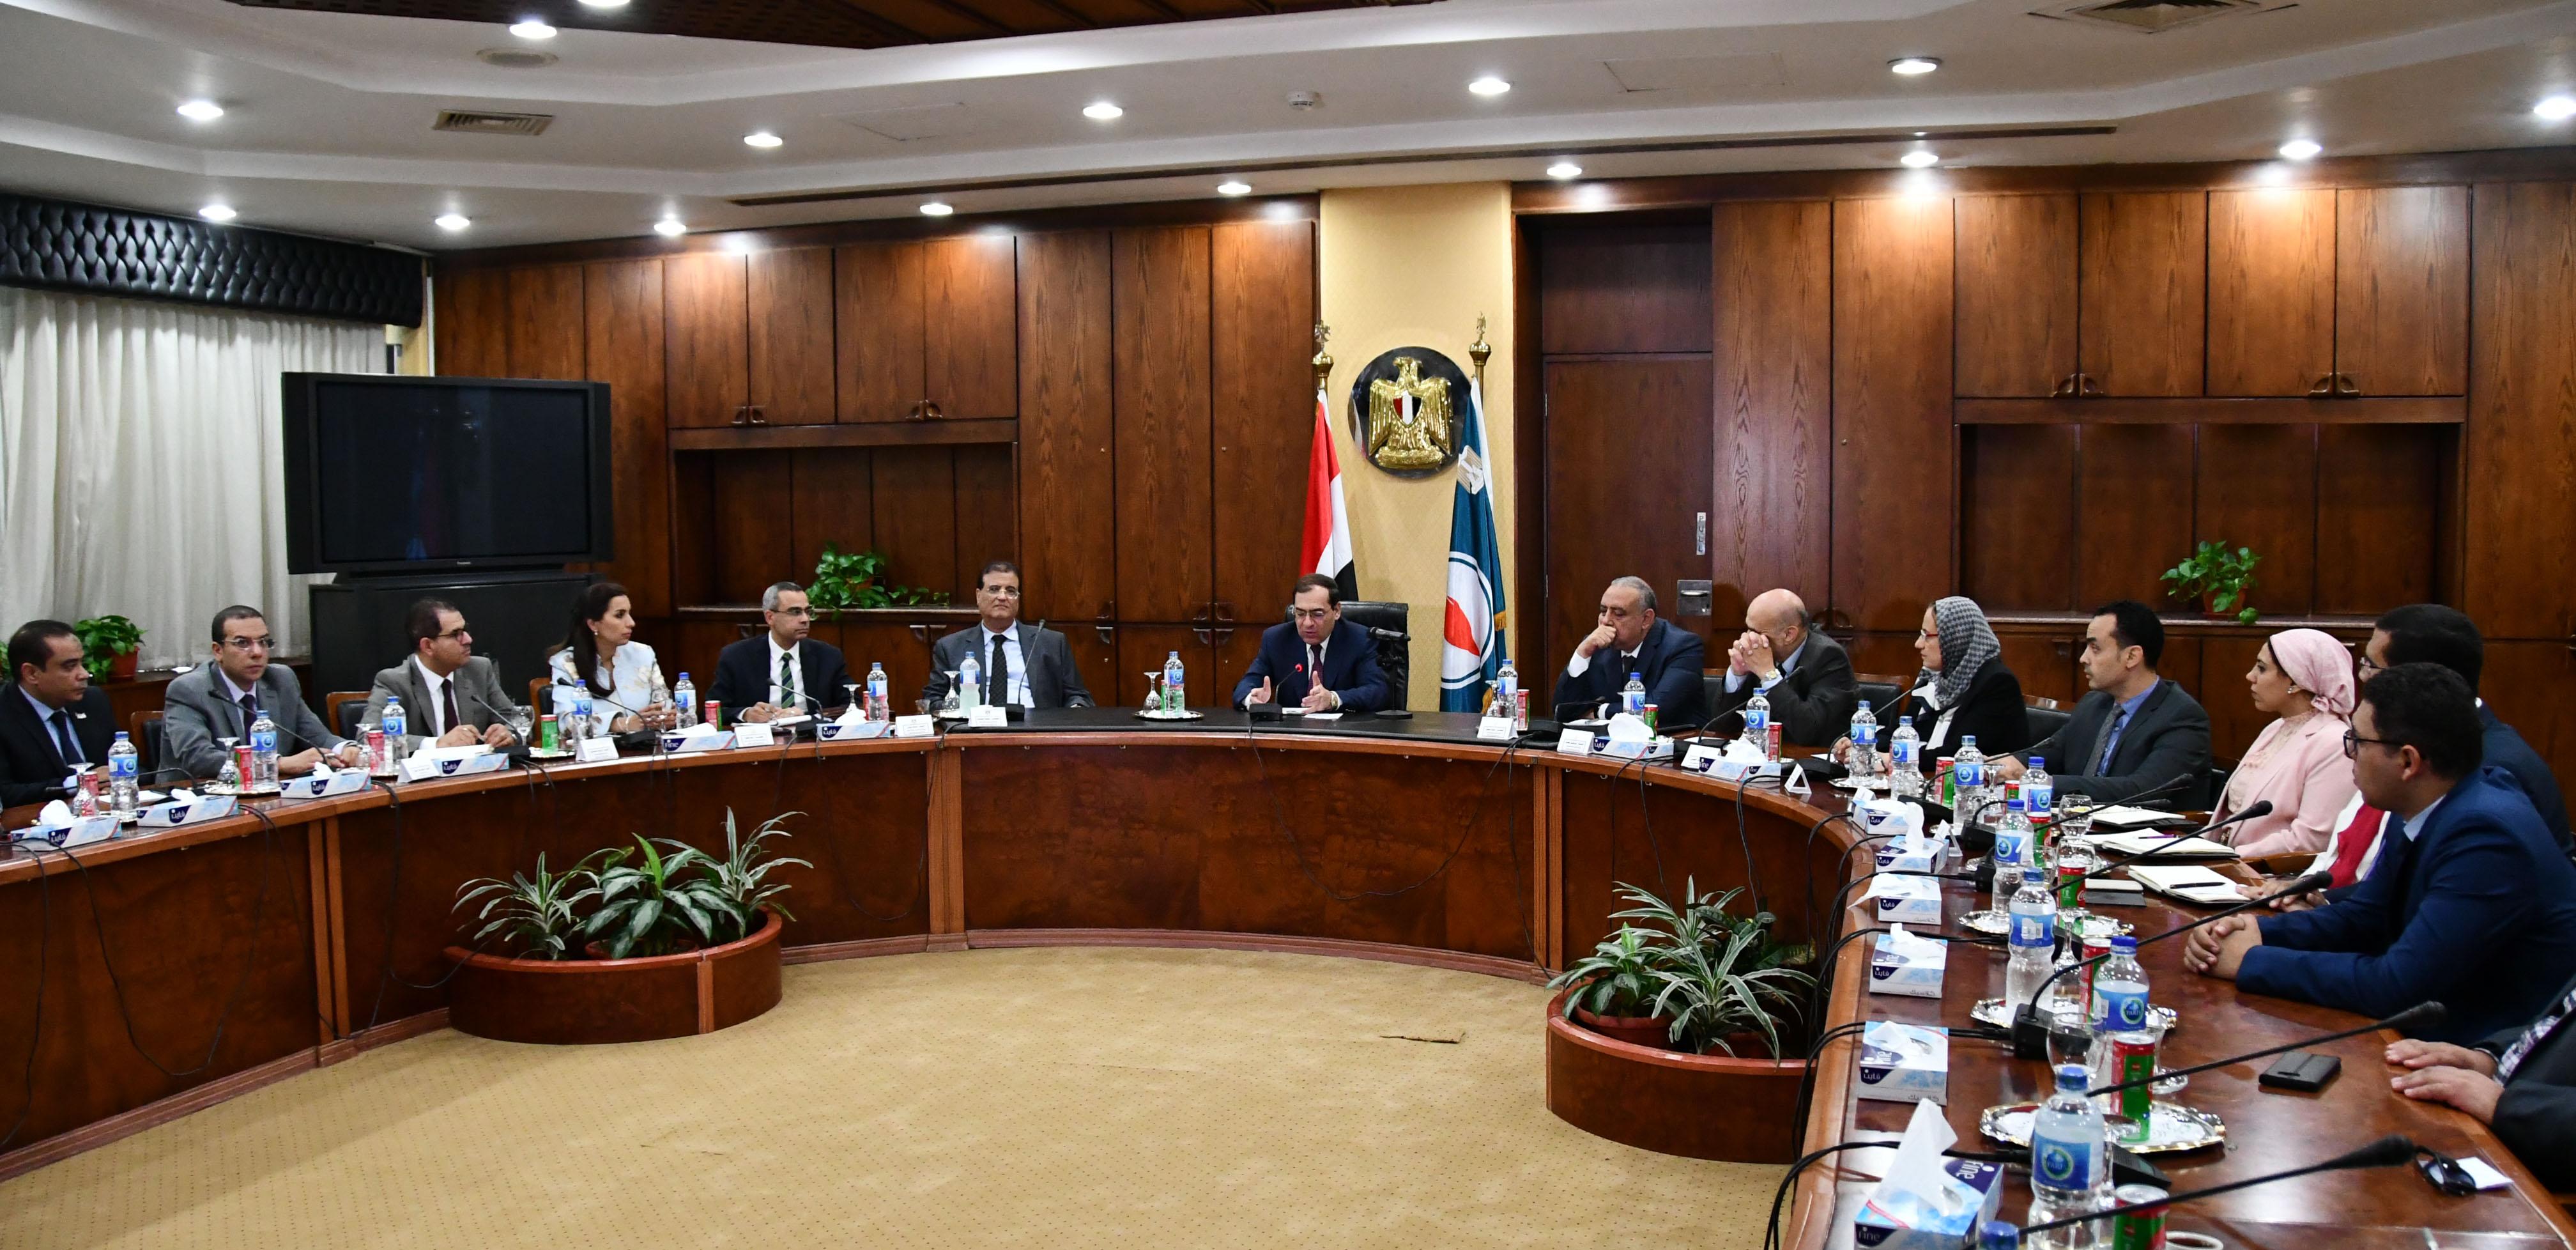 وزير البترول يلتقي عددًا من خريجي البرنامج الرئاسي لتأهيل الشباب